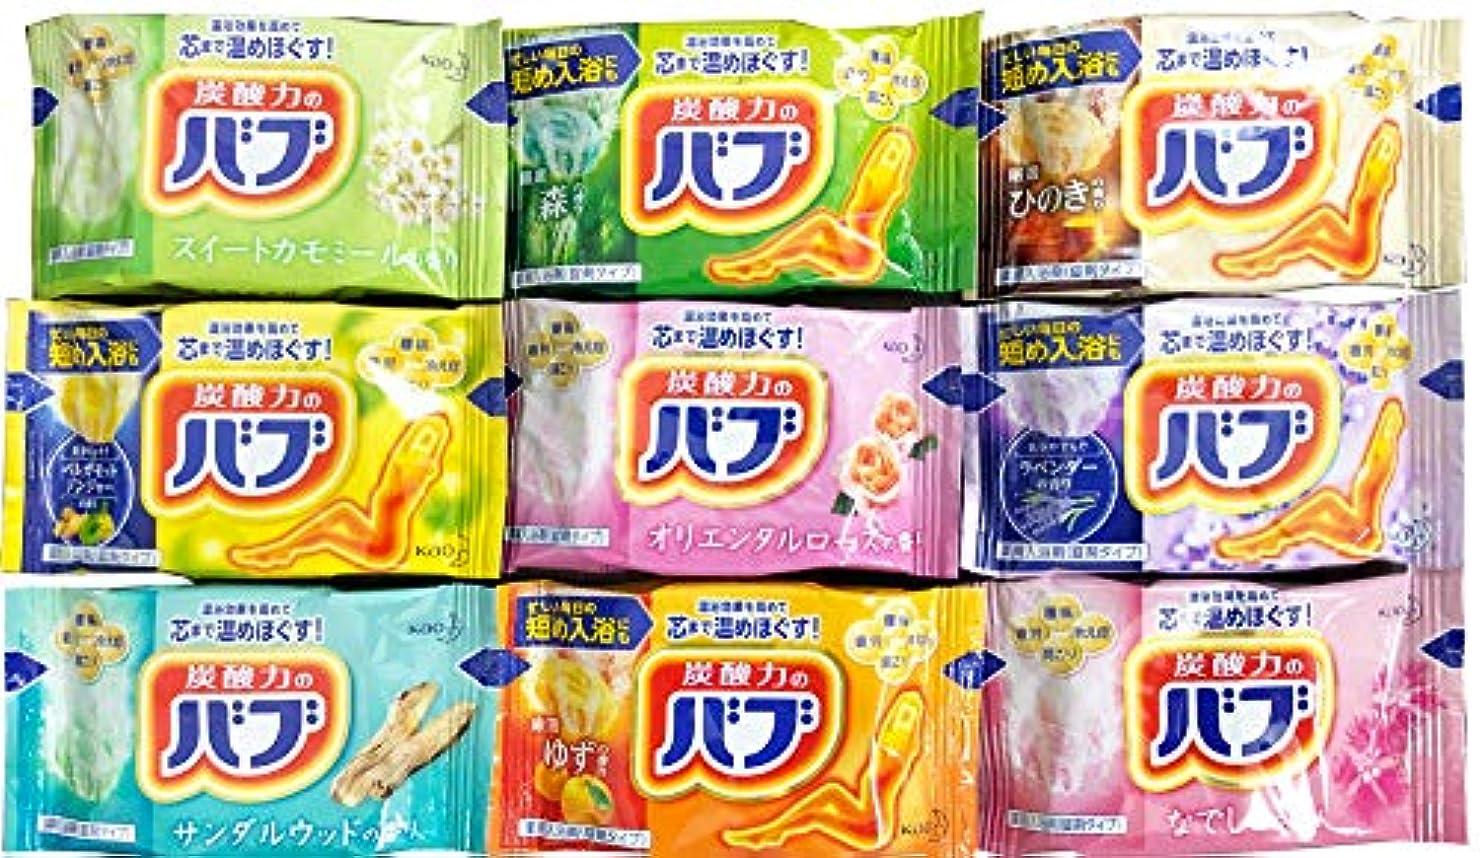 晩ごはんアラバマクラシカルバブ 入浴剤 お風呂が楽しみ 9種類セット(9種類 x 1錠)